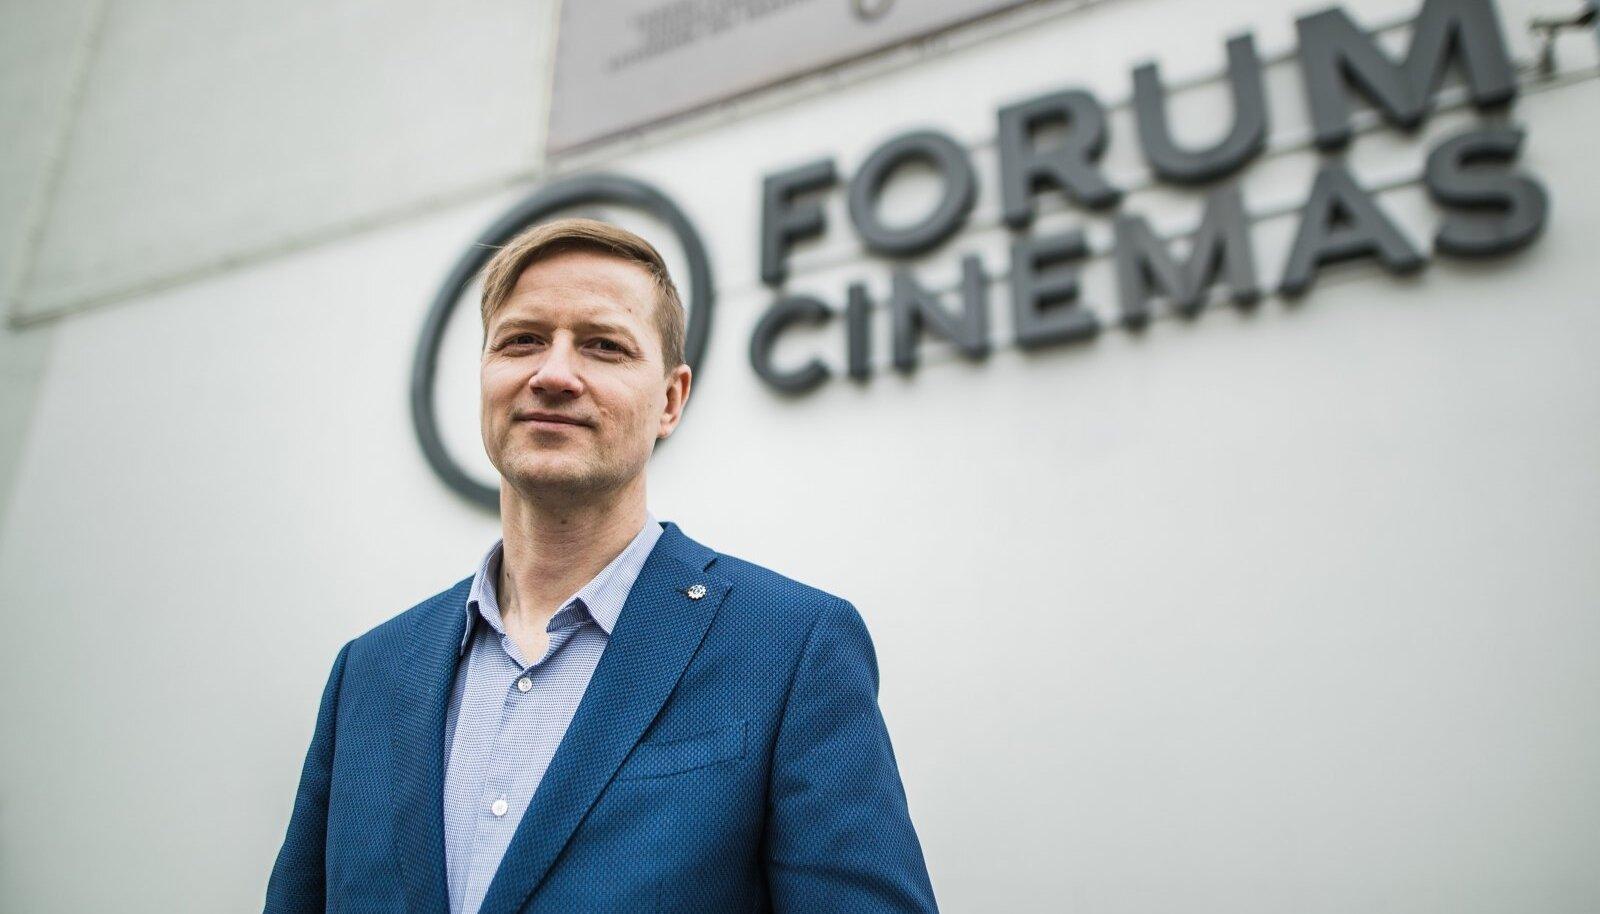 Forum Cinemas juht Kristjan Kongo